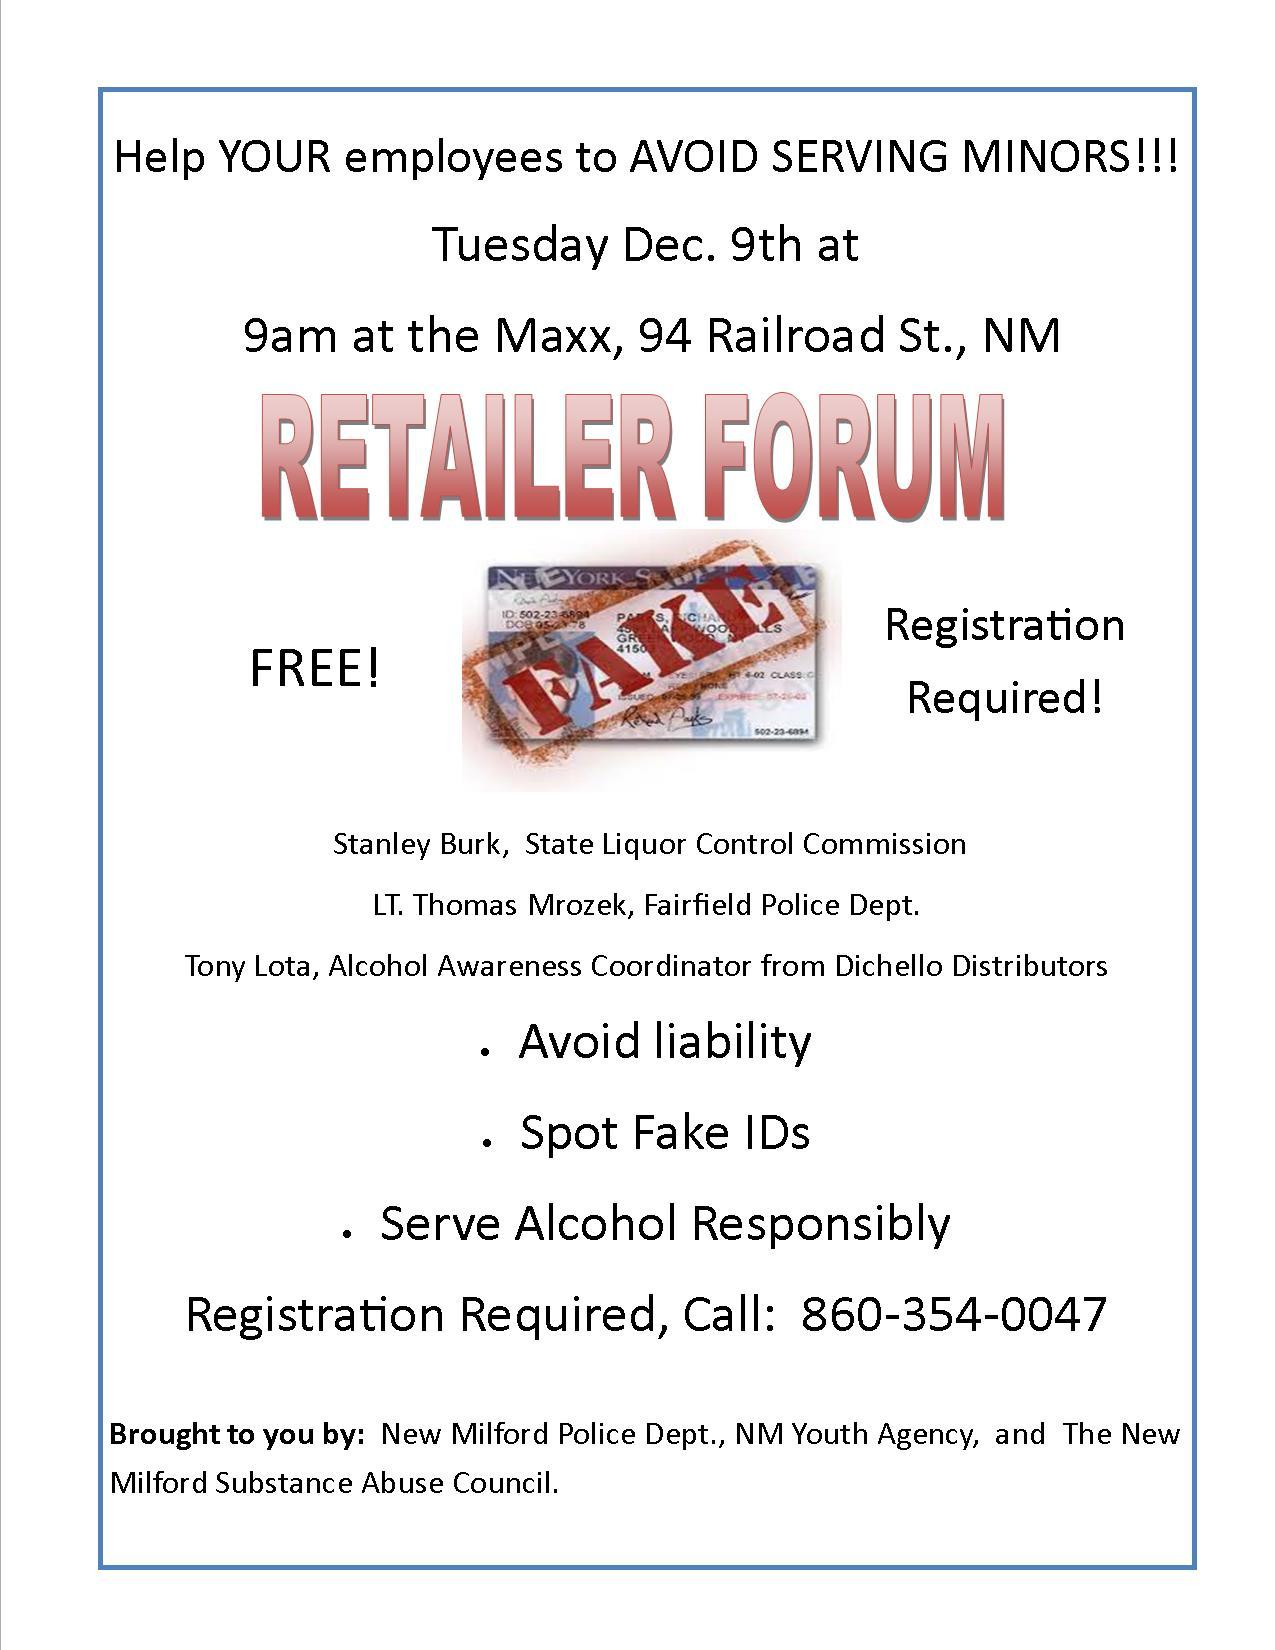 Retailer forum